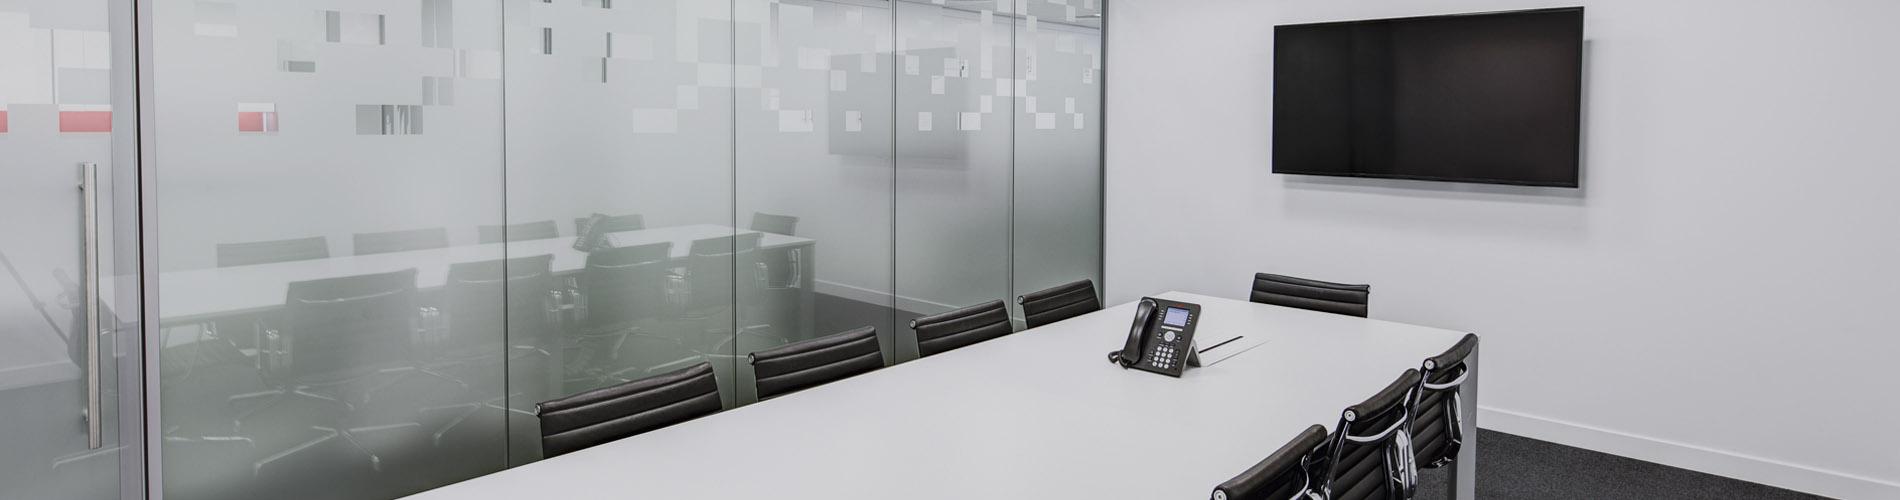 Limpieza de oficinas y despachos en madrid limpiezas limar for Oficinas y despachos madrid